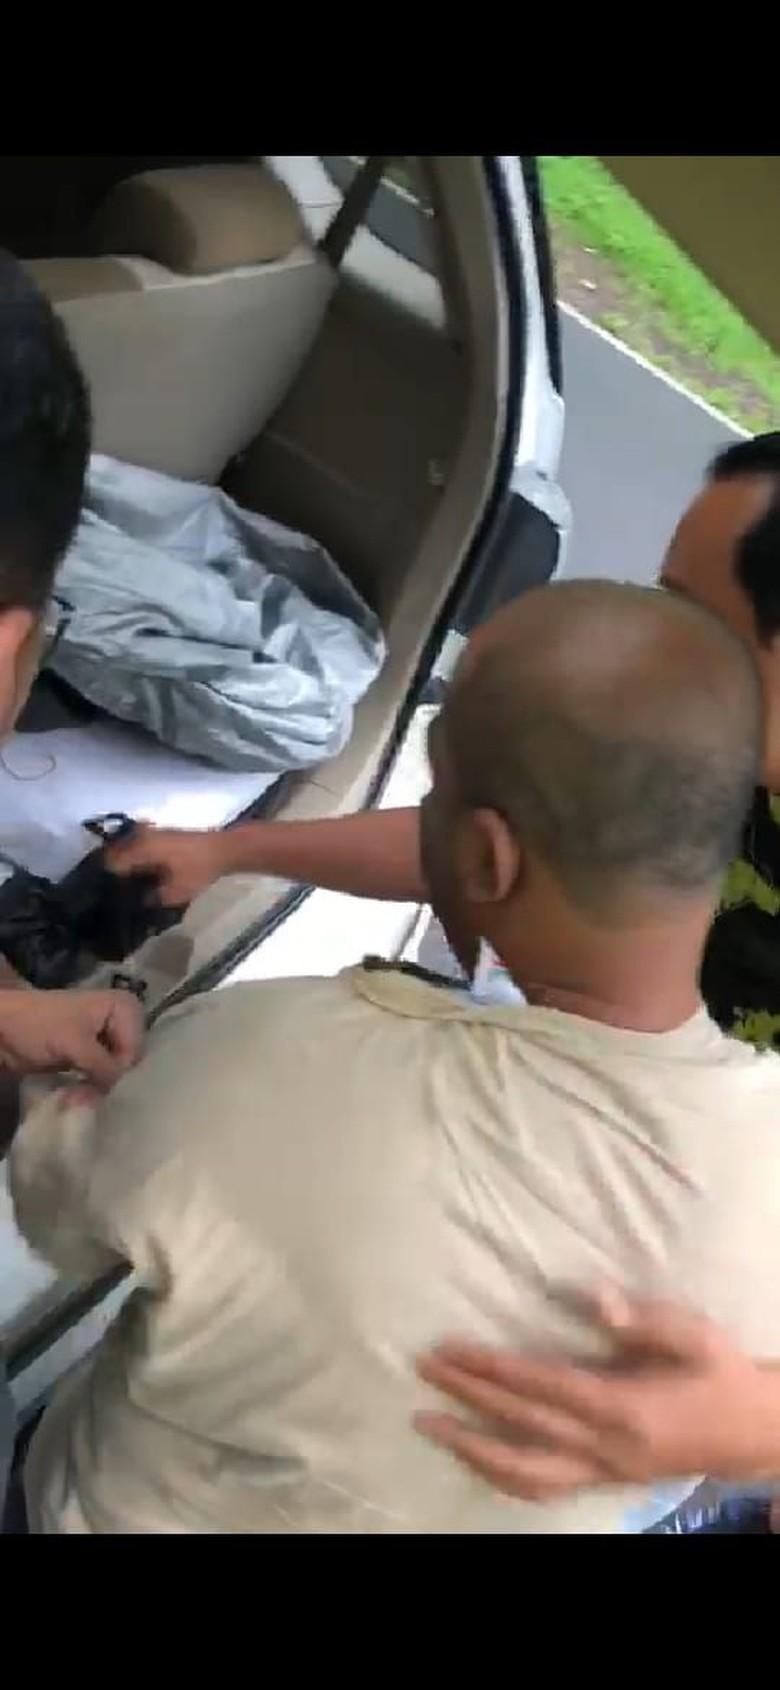 Pengiriman Bahan Peledak Potasium ke Bali Digagalkan, 100 Detonator Diamankan